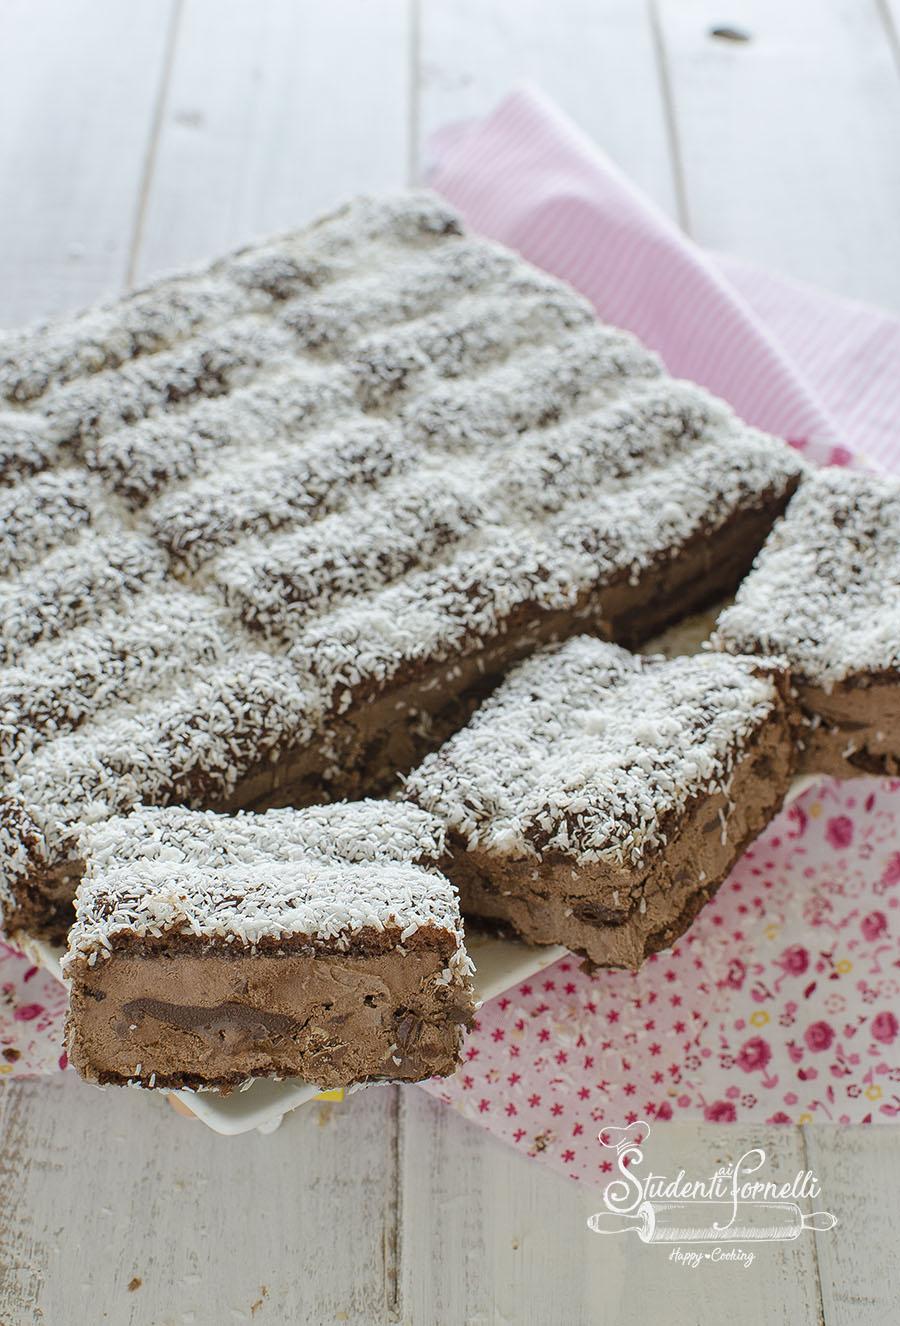 ricetta torta gelato al cioccolato pavesini nutella e cioccolato ricetta dolce senza cottura gelato